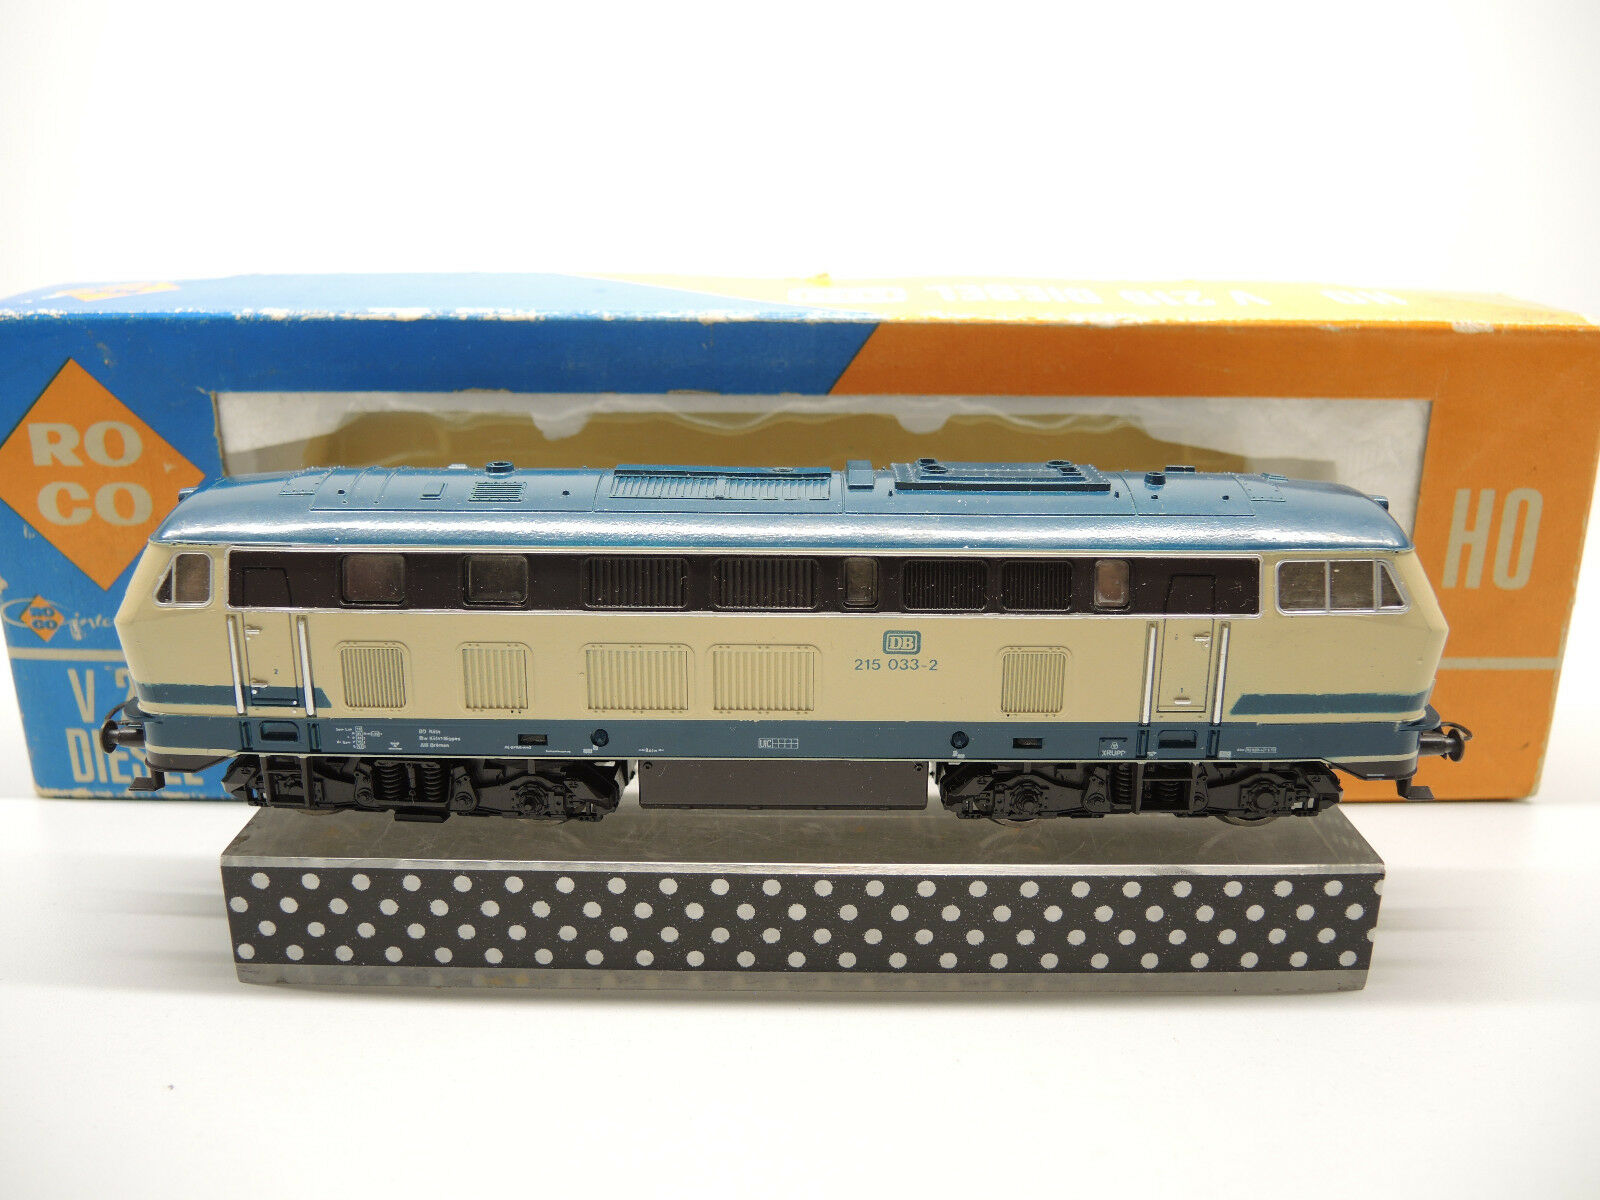 ROCO 4151, ELok BR 215 0332 delle DB, molto bencome nuovo cambio di luce, OVP 100